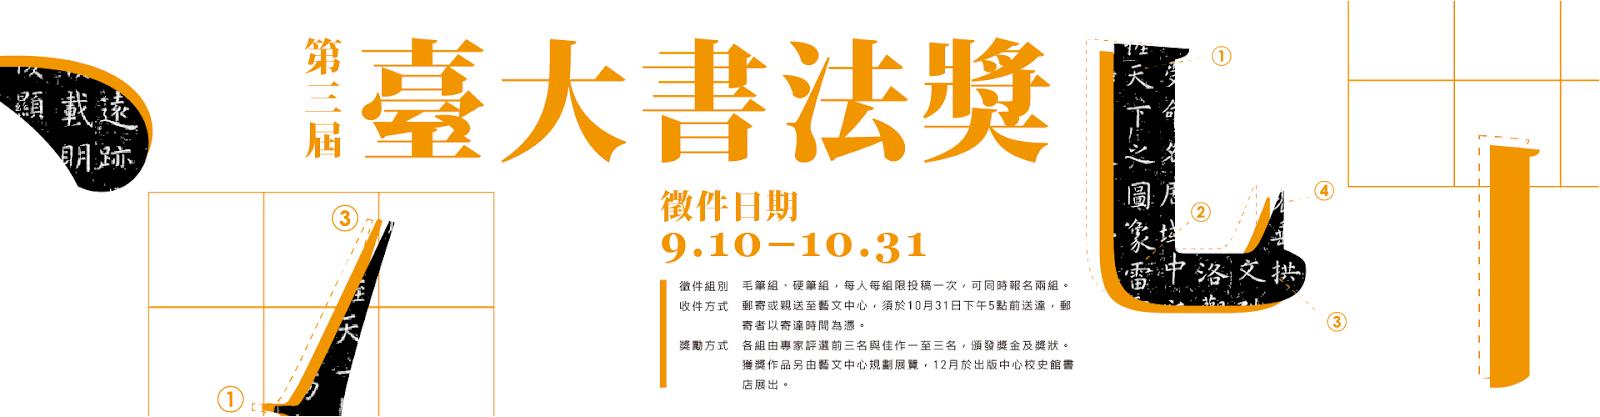 第三屆 臺大書法獎